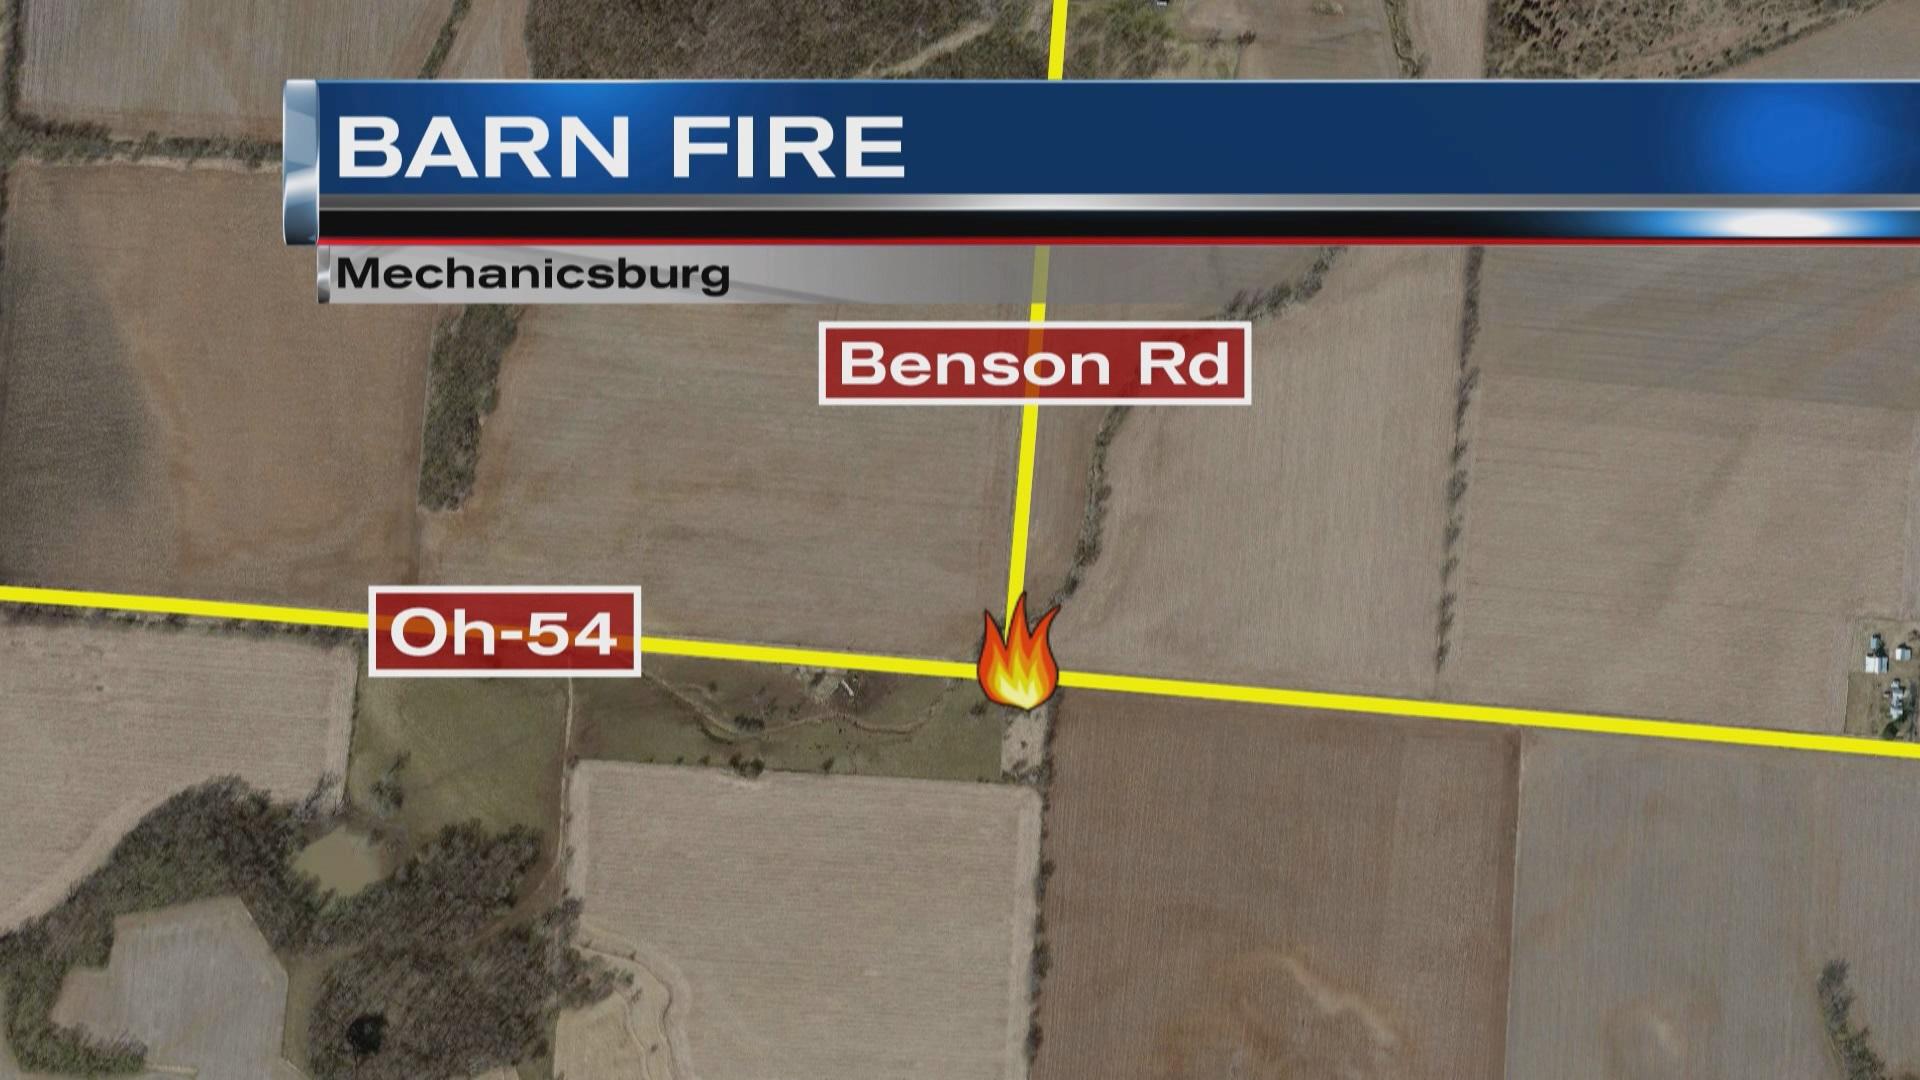 barn_fire_map_1522658444218.jpg